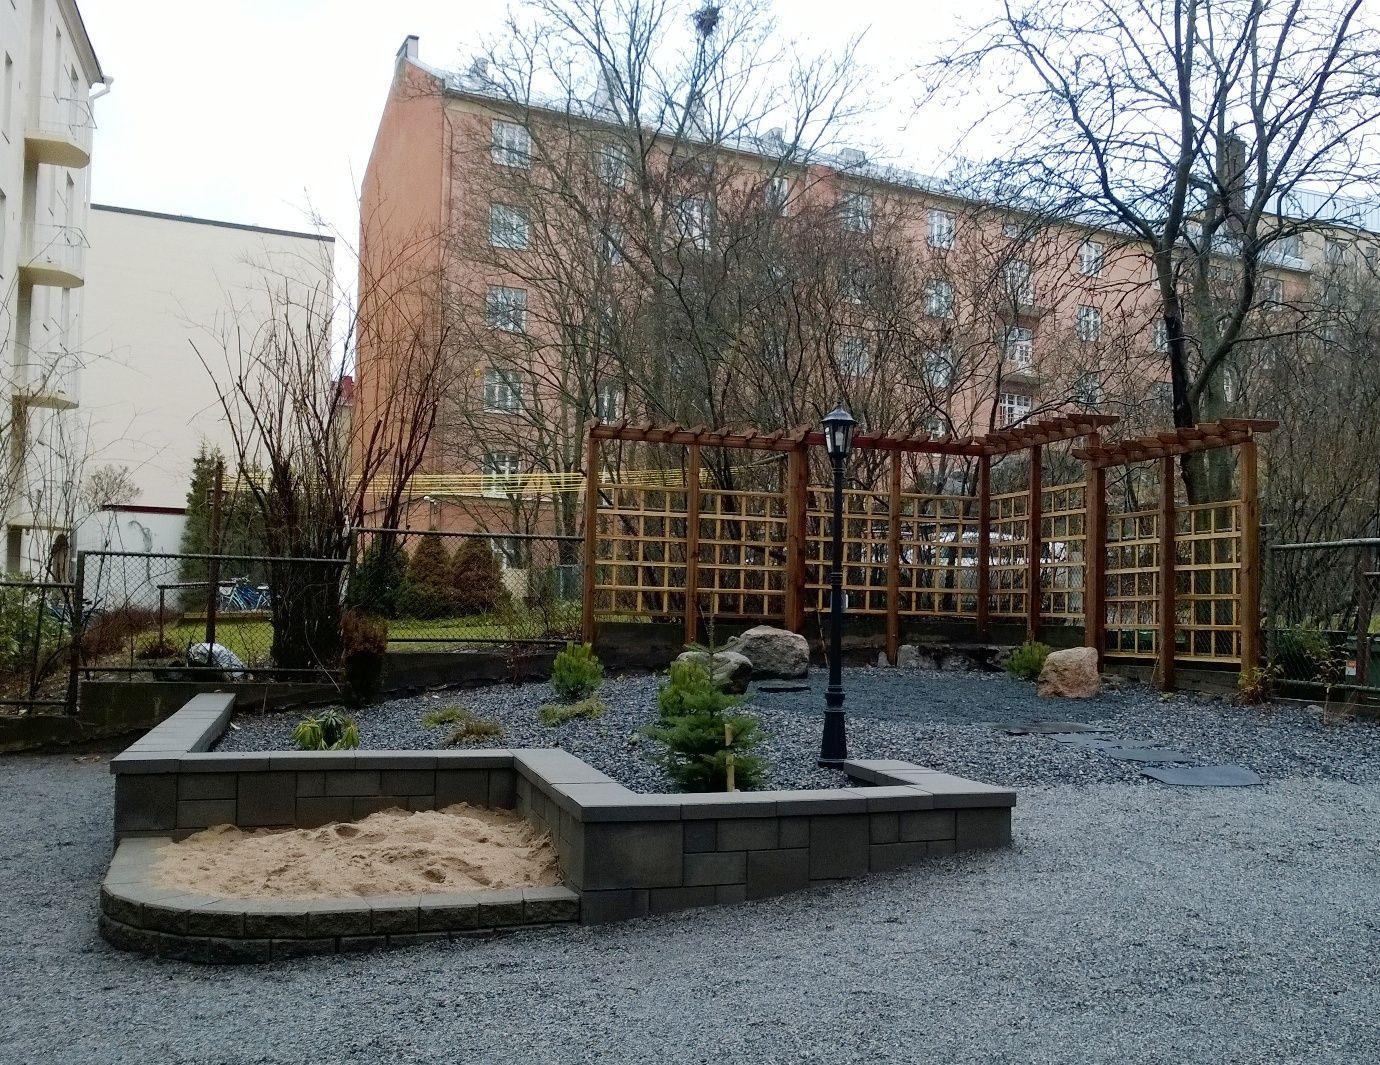 Pergolasäleikkö kätkee taakseen vanhan verkkoaidan ja näkymät naapurin jätepisteelle. Design: Keidas-Suunnittelu